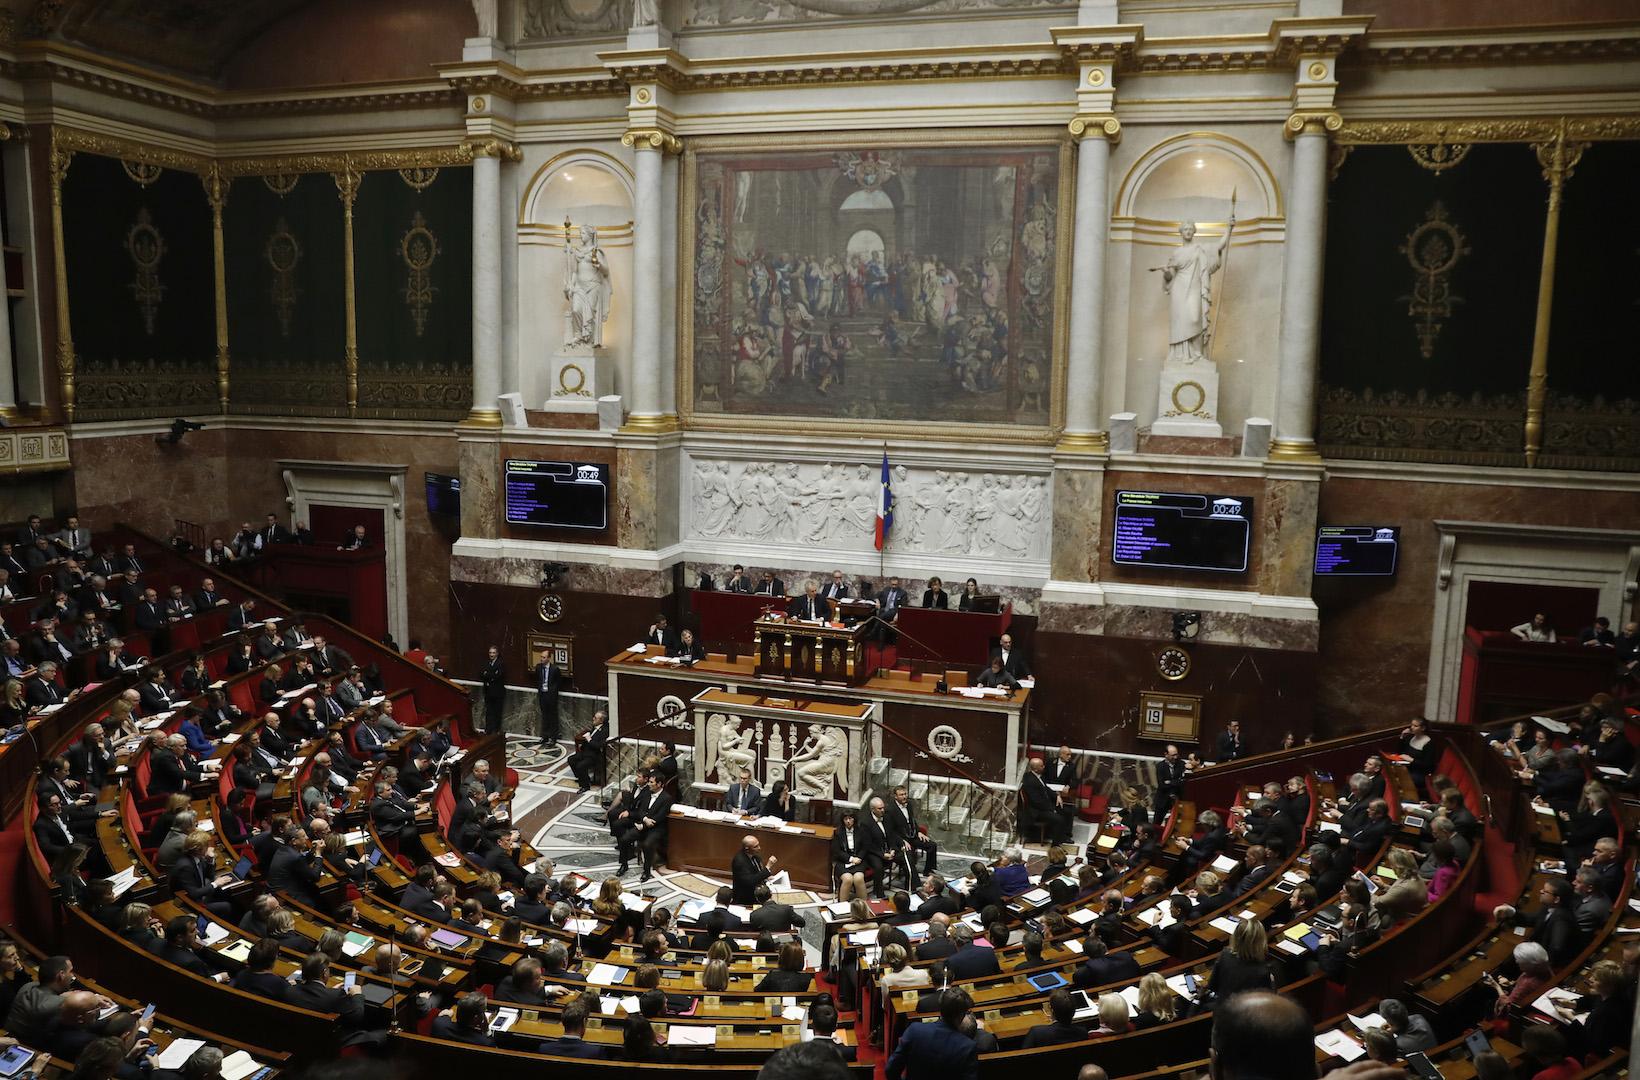 L'Assemblée nationale le jour des questions au gouvernement, le 19 décembre 2017 à Paris. (Crédits : AFP PHOTO / Patrick KOVARIK)